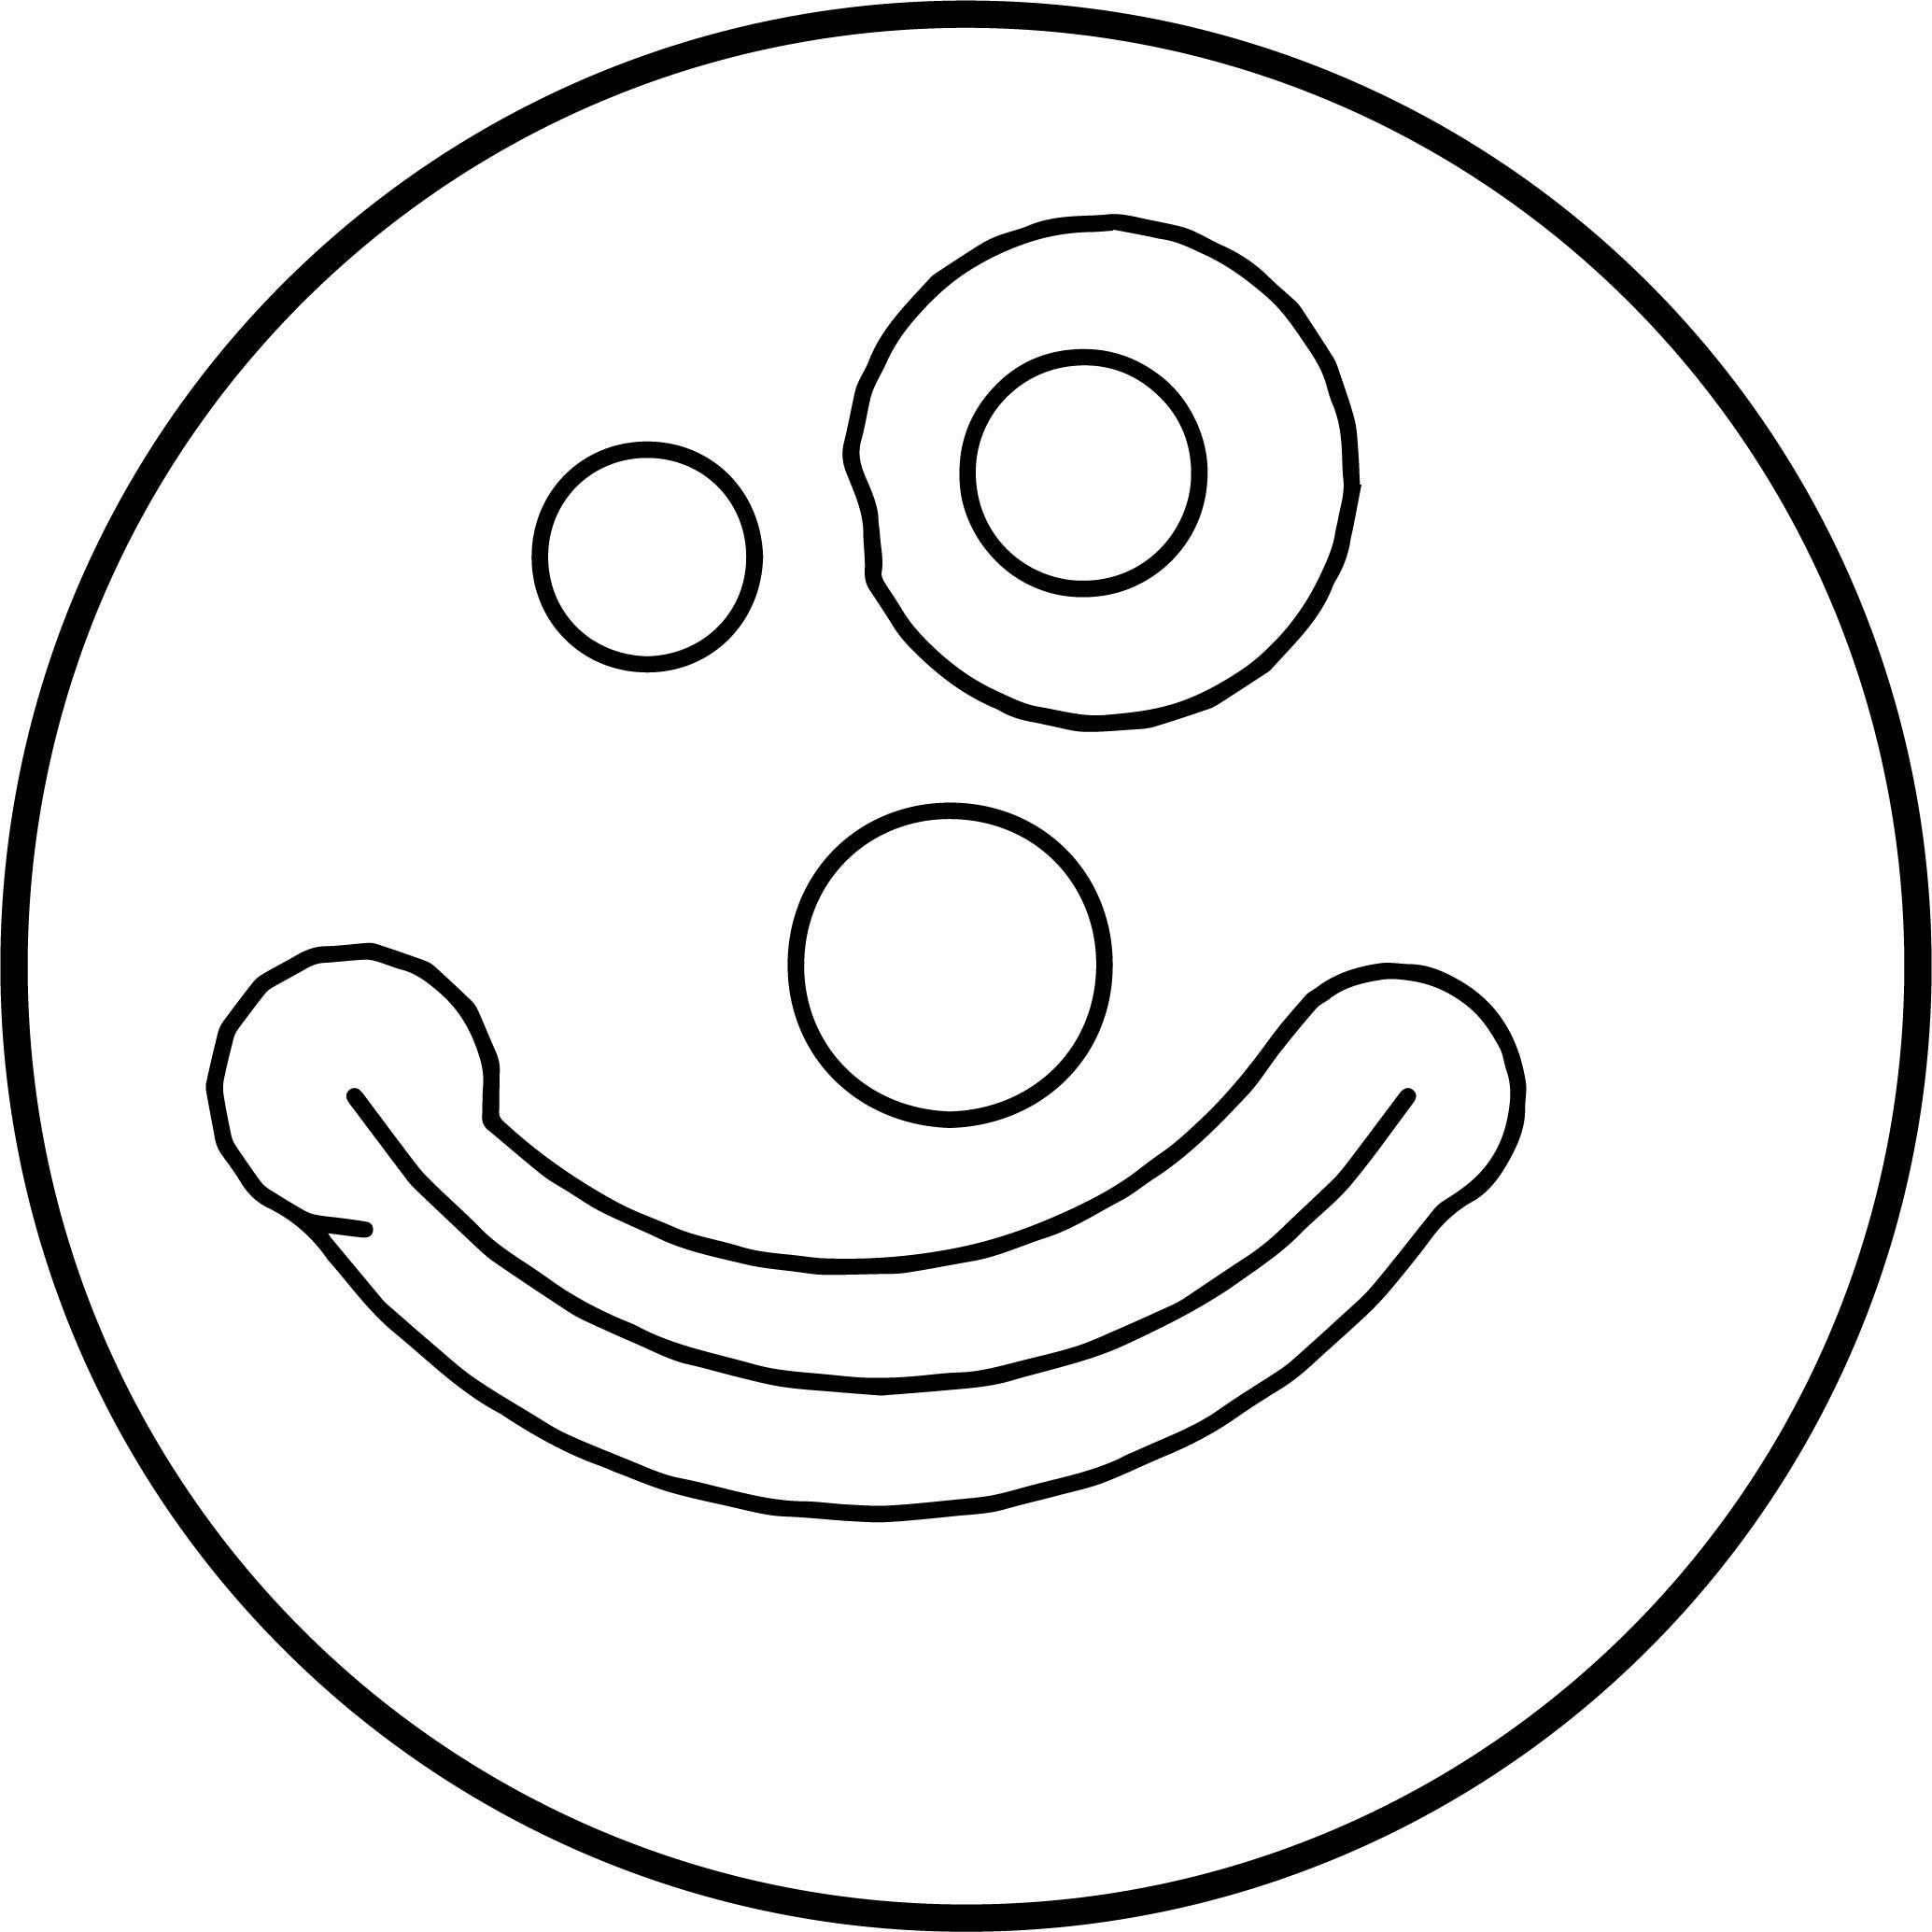 Clown Face Cartoon | Free download best Clown Face Cartoon ...